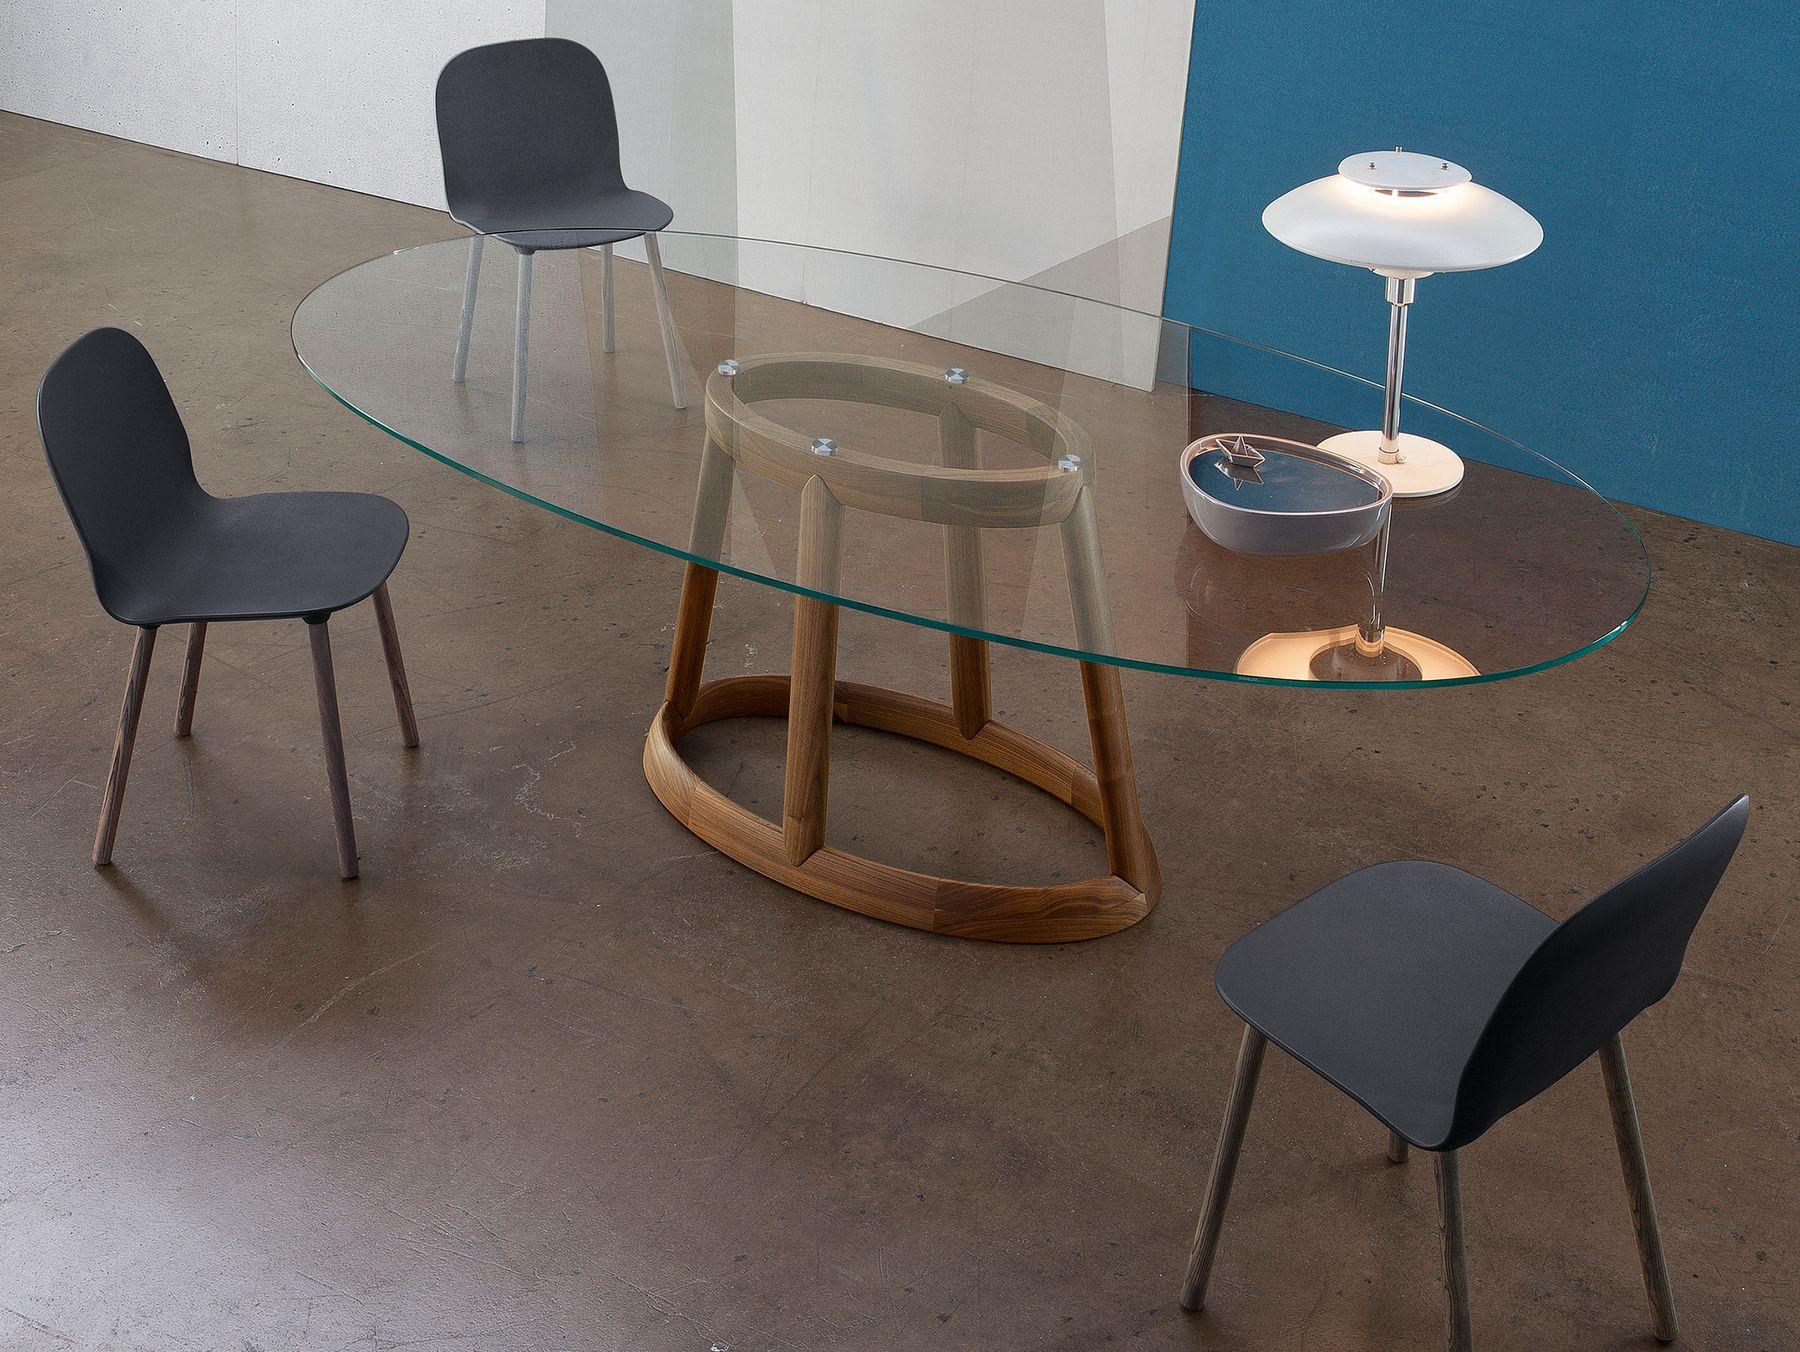 Tavolini Da Salotto In Cristallo : Tavolini da salotto in cristallo classici tavolini da salotto